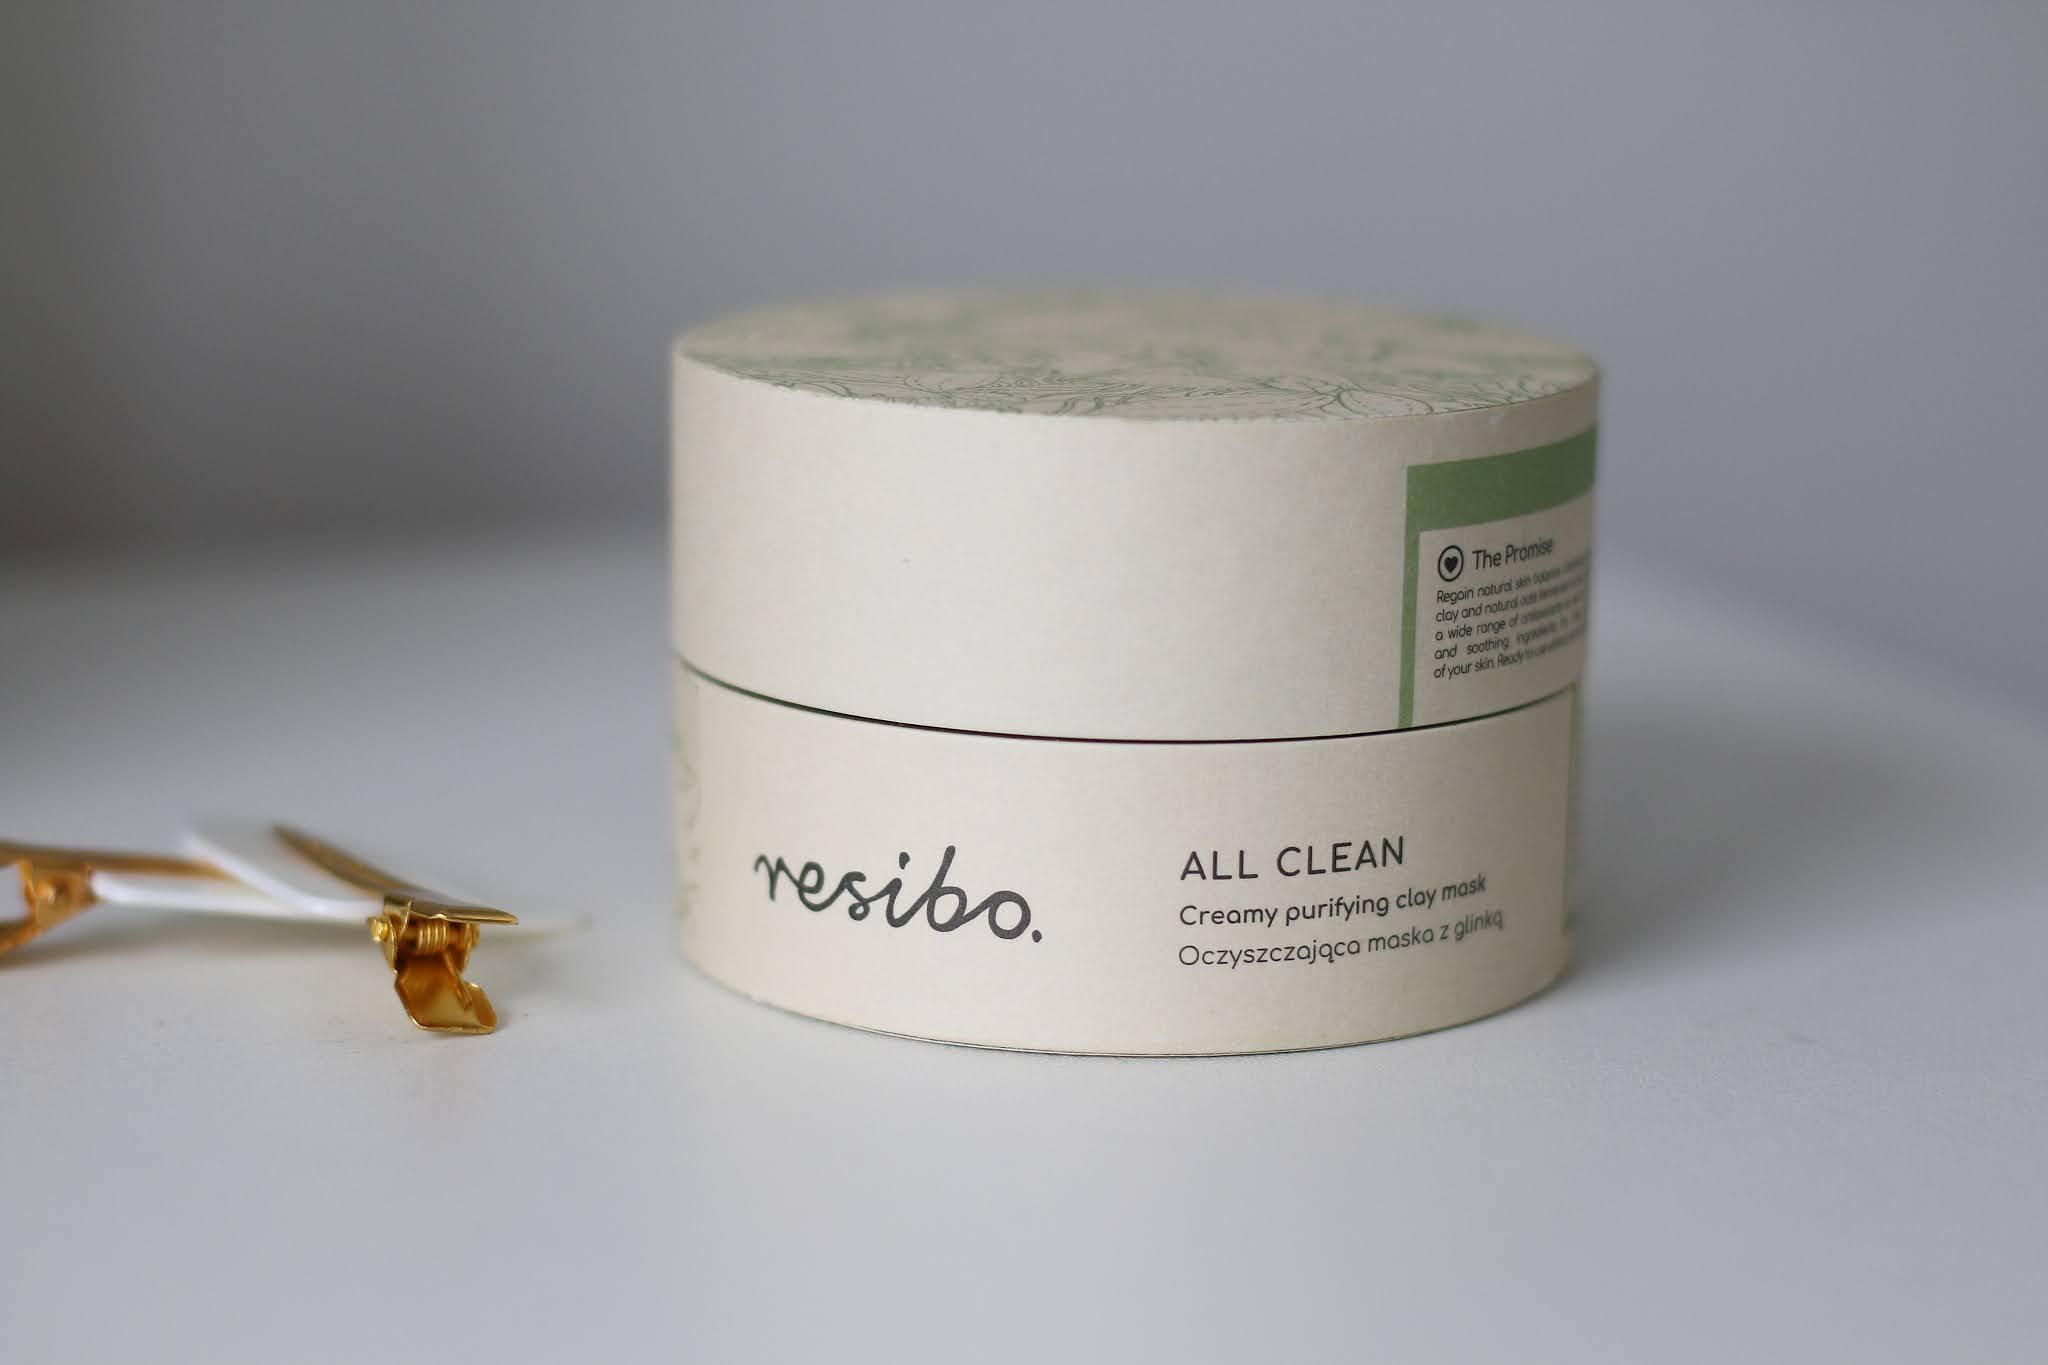 Resibo All Clean oczyszczająca maska z glinką